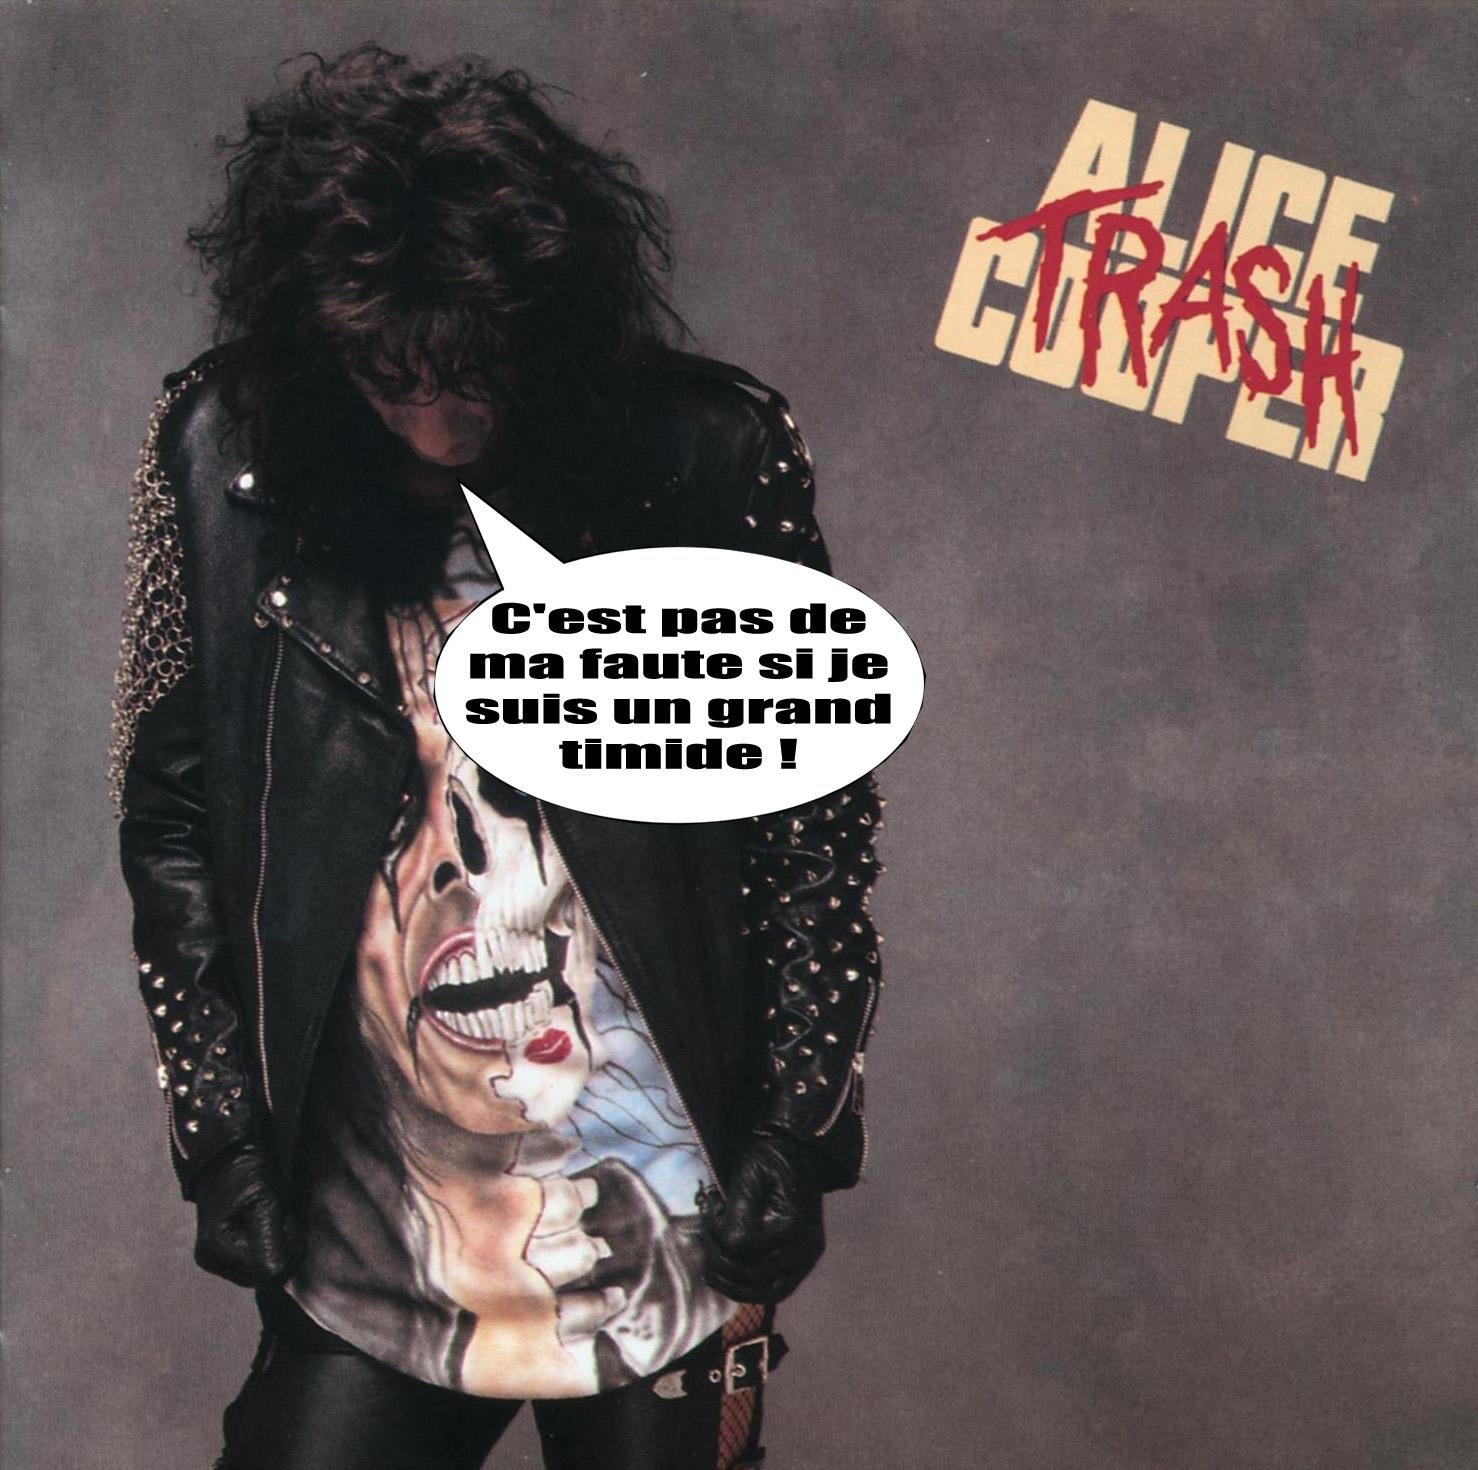 Faites dire ce que vous voulez à une pochette d'album ...  - Page 2 Alice_13